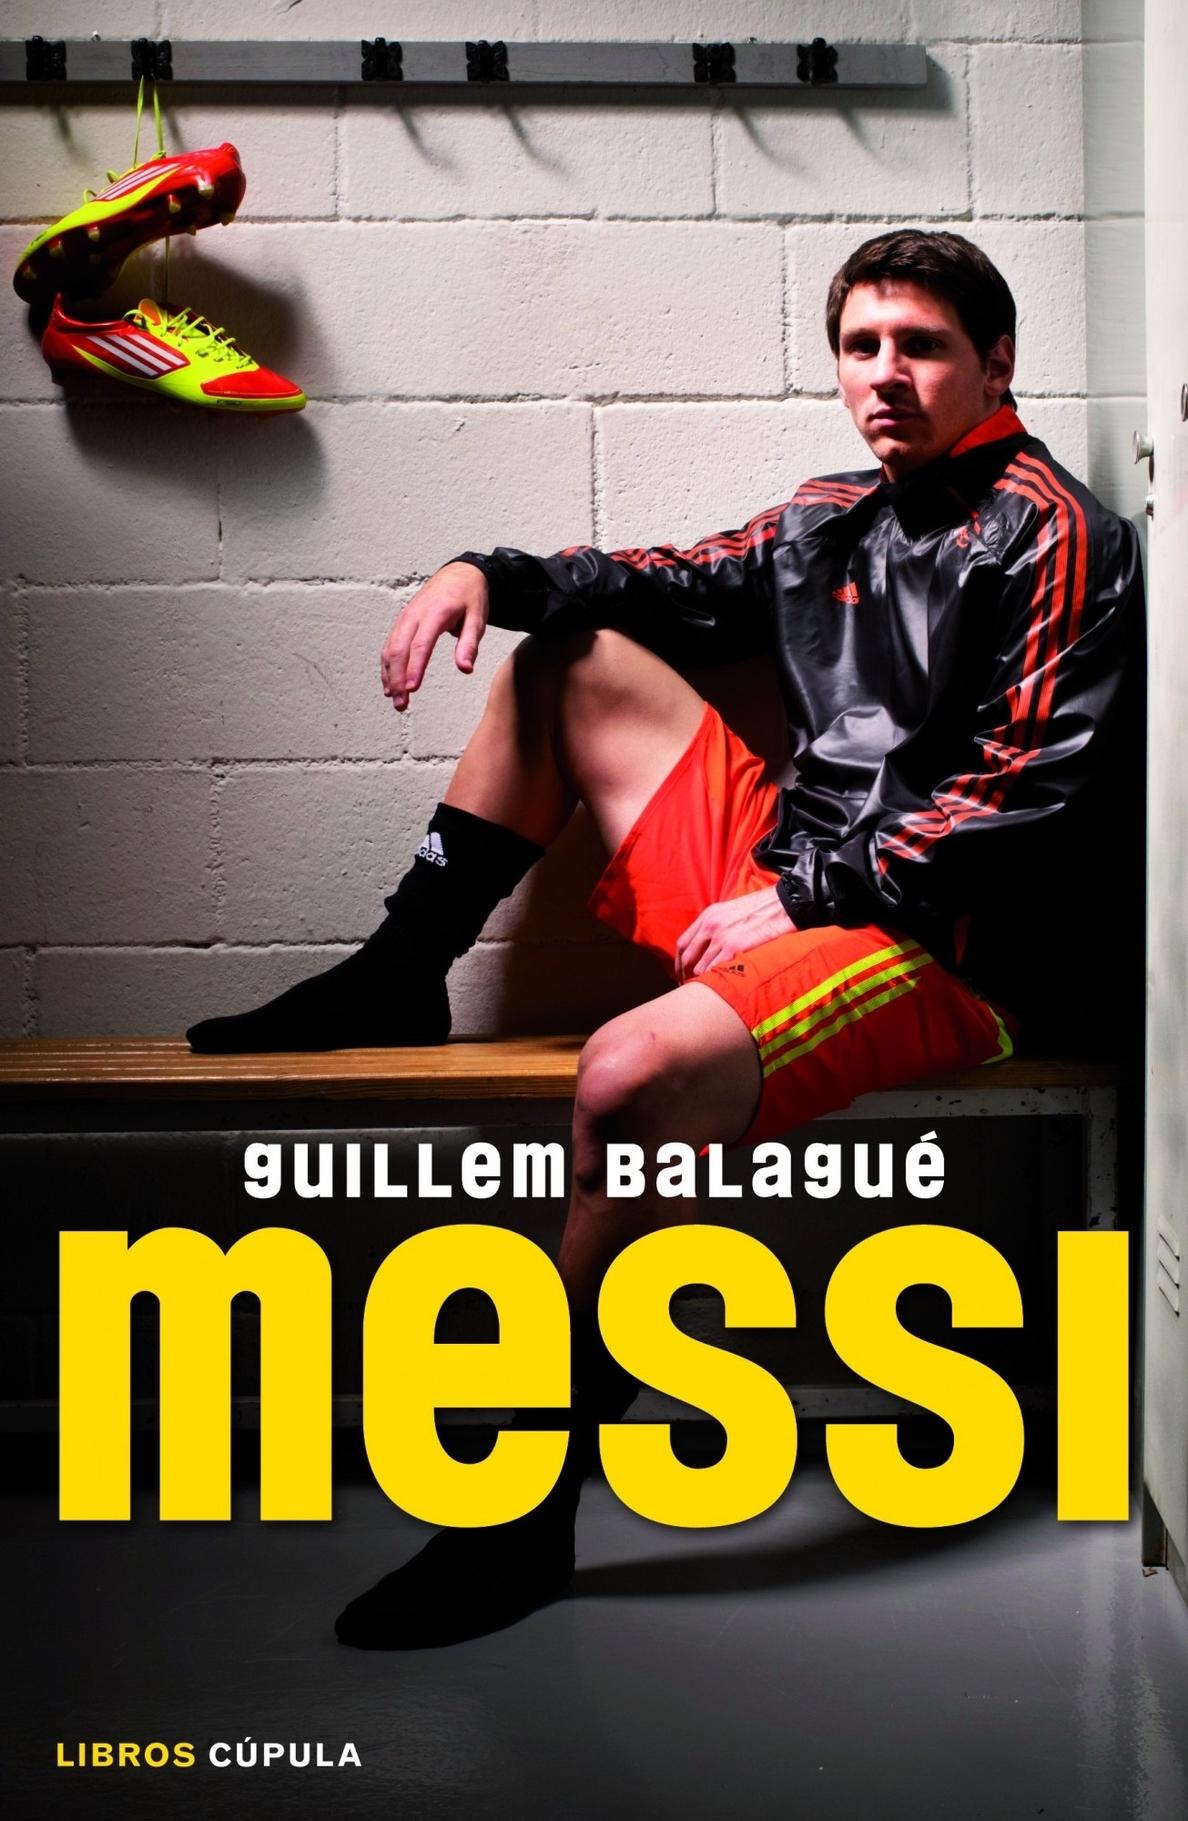 La primera biografía autorizada de Leo Messi repasa la carrera del »crack» argentino